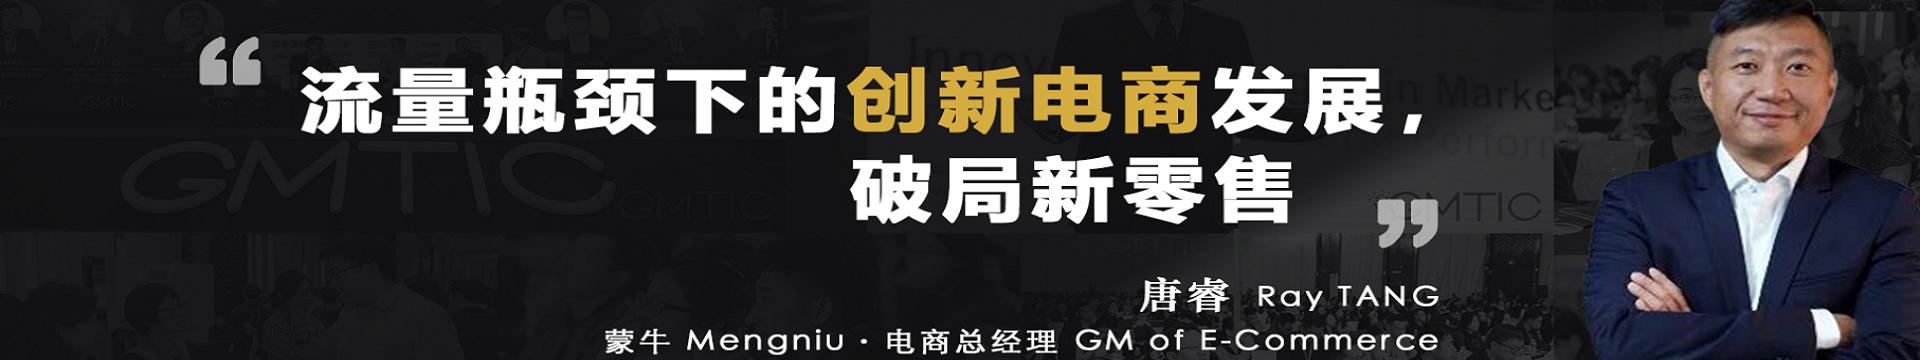 第三届GMTIC全球营销技术及零售创新峰会(上海)